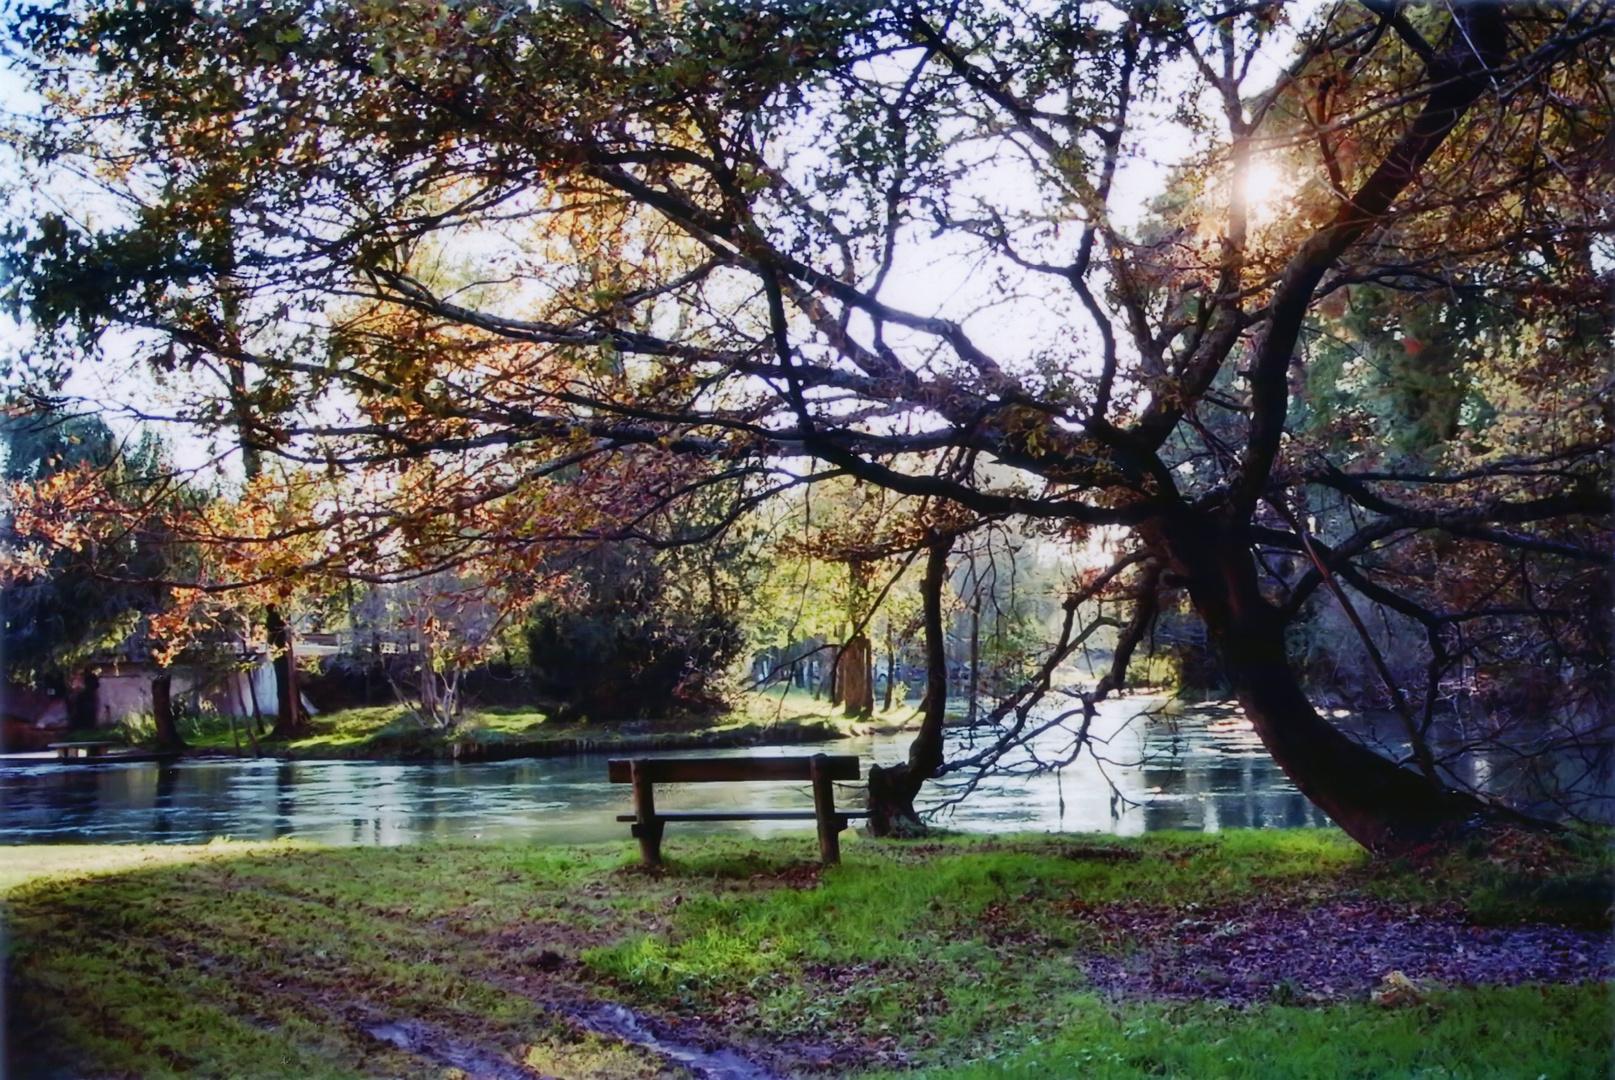 Parco del fiume Stella (2) - Ariis (Udine)